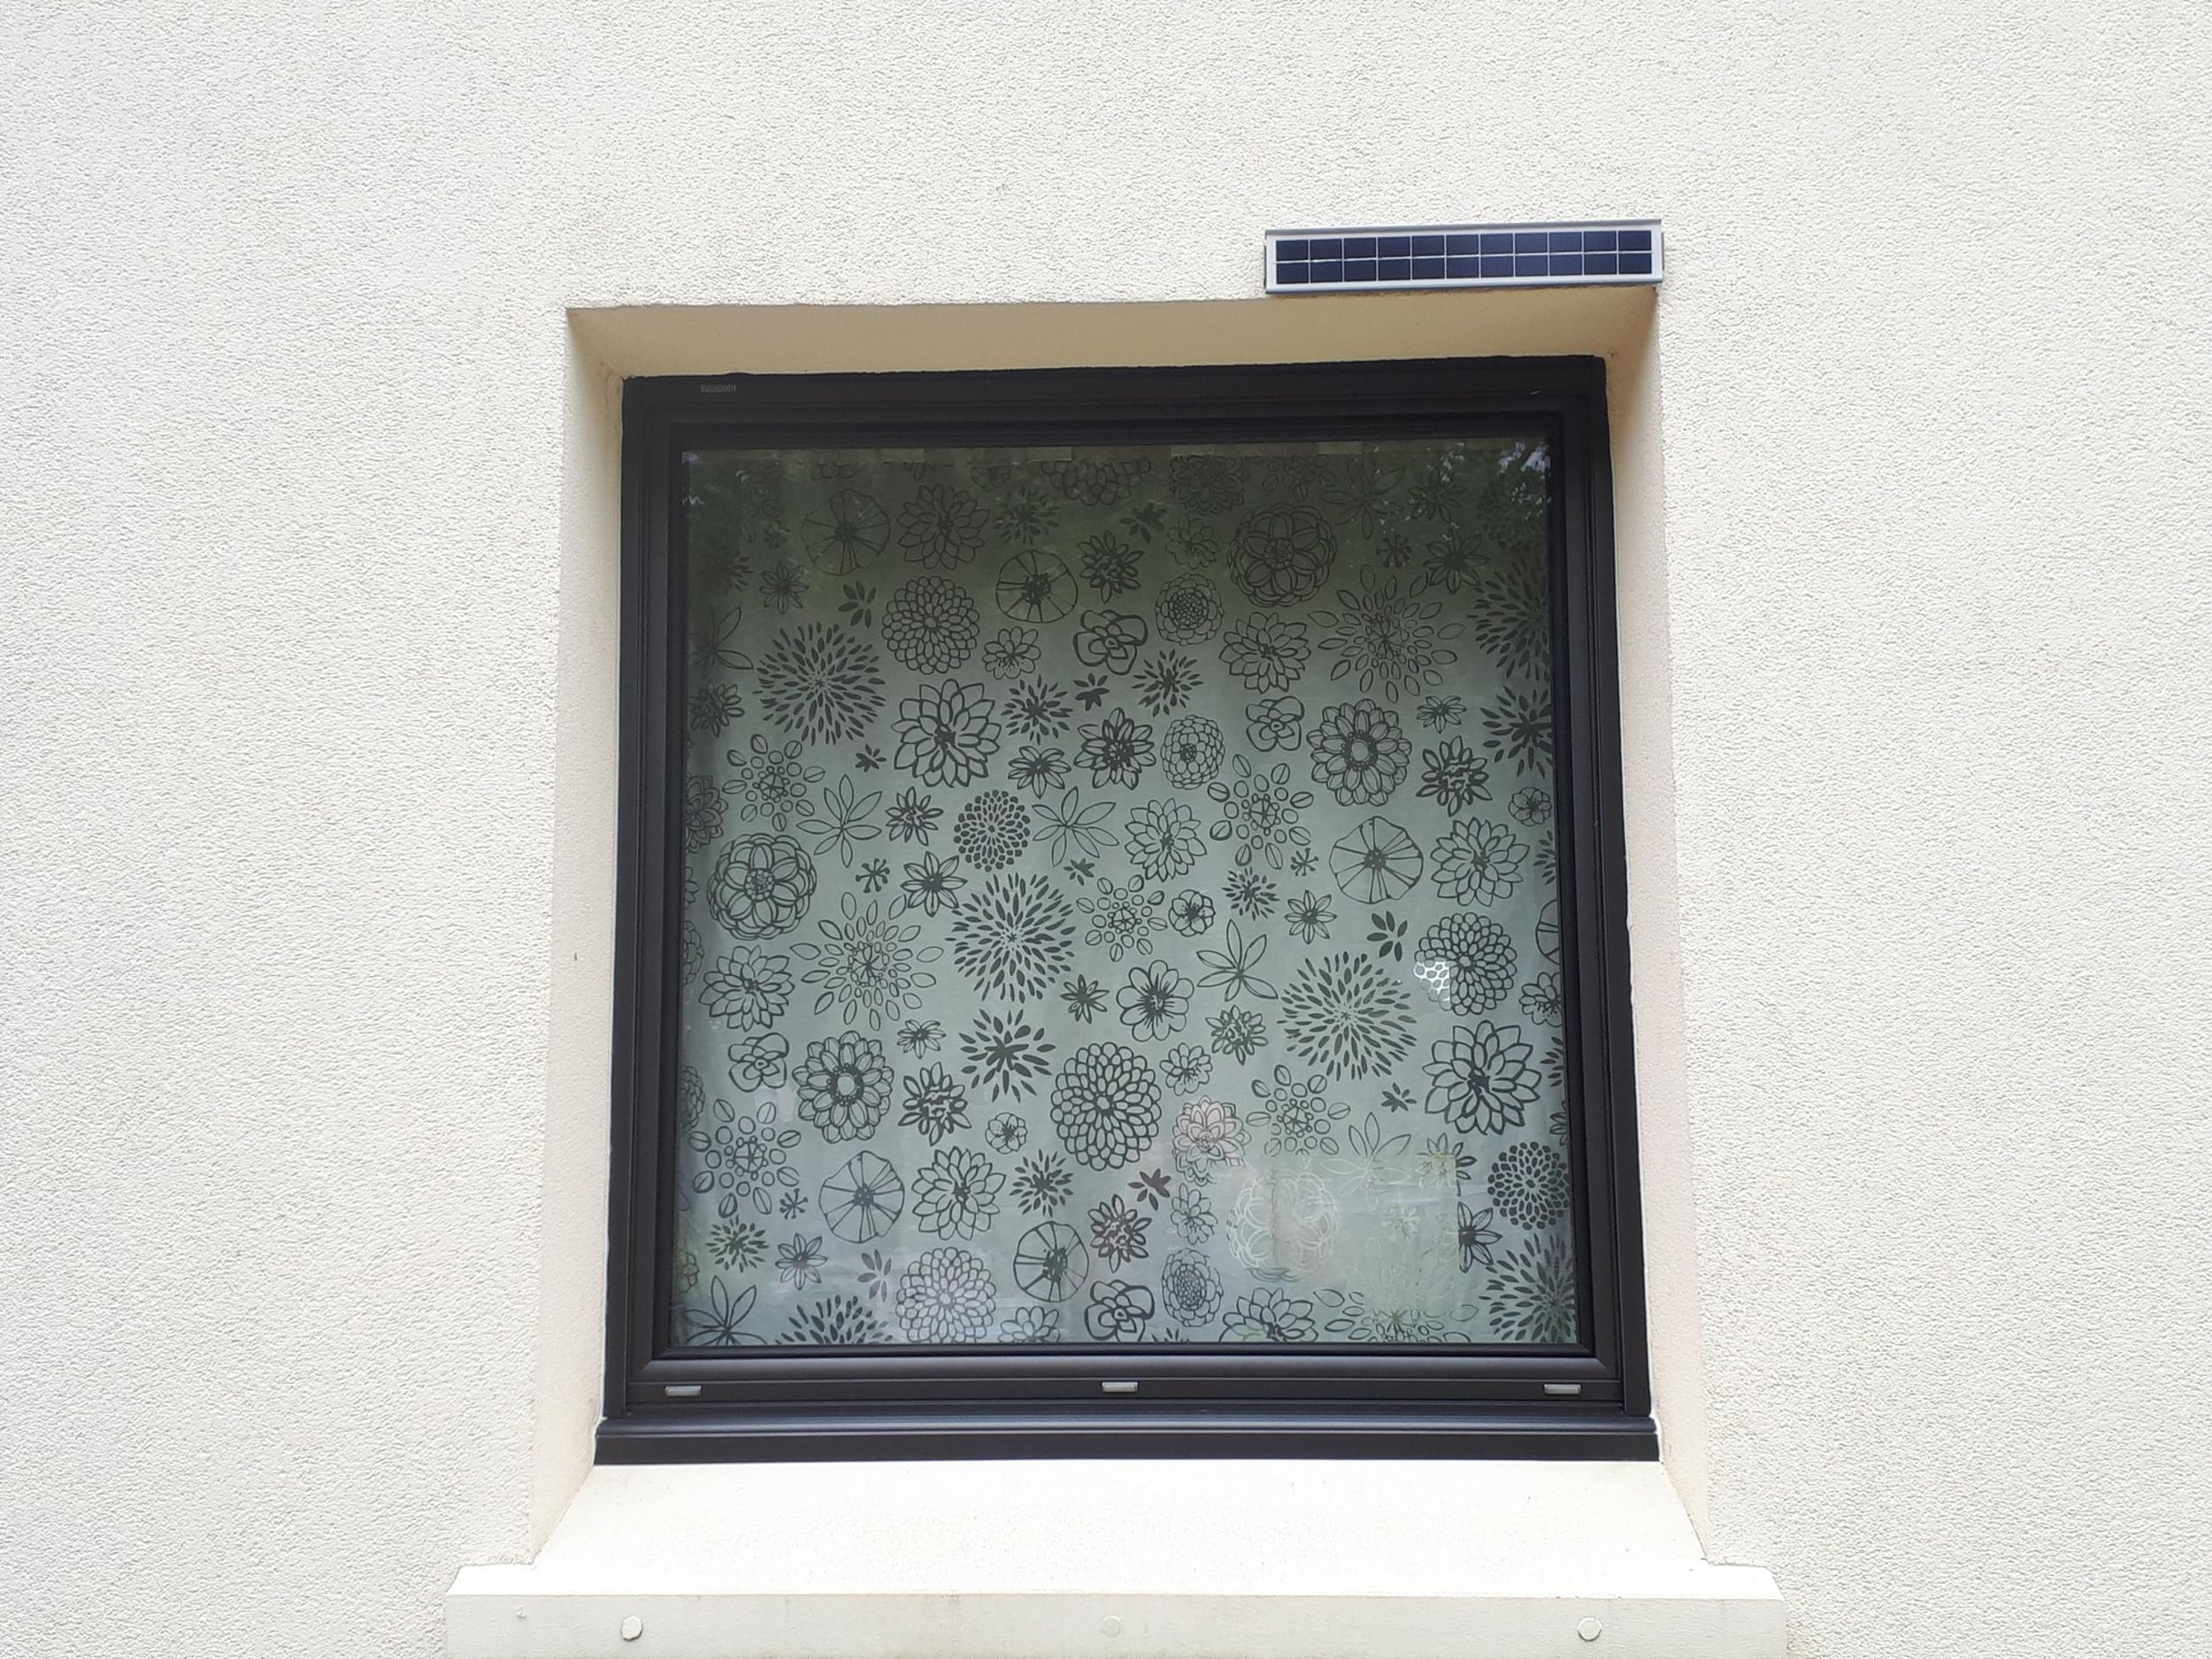 Installation fenêtre aluminium noir et volets à motorisation solaire - Kervignac